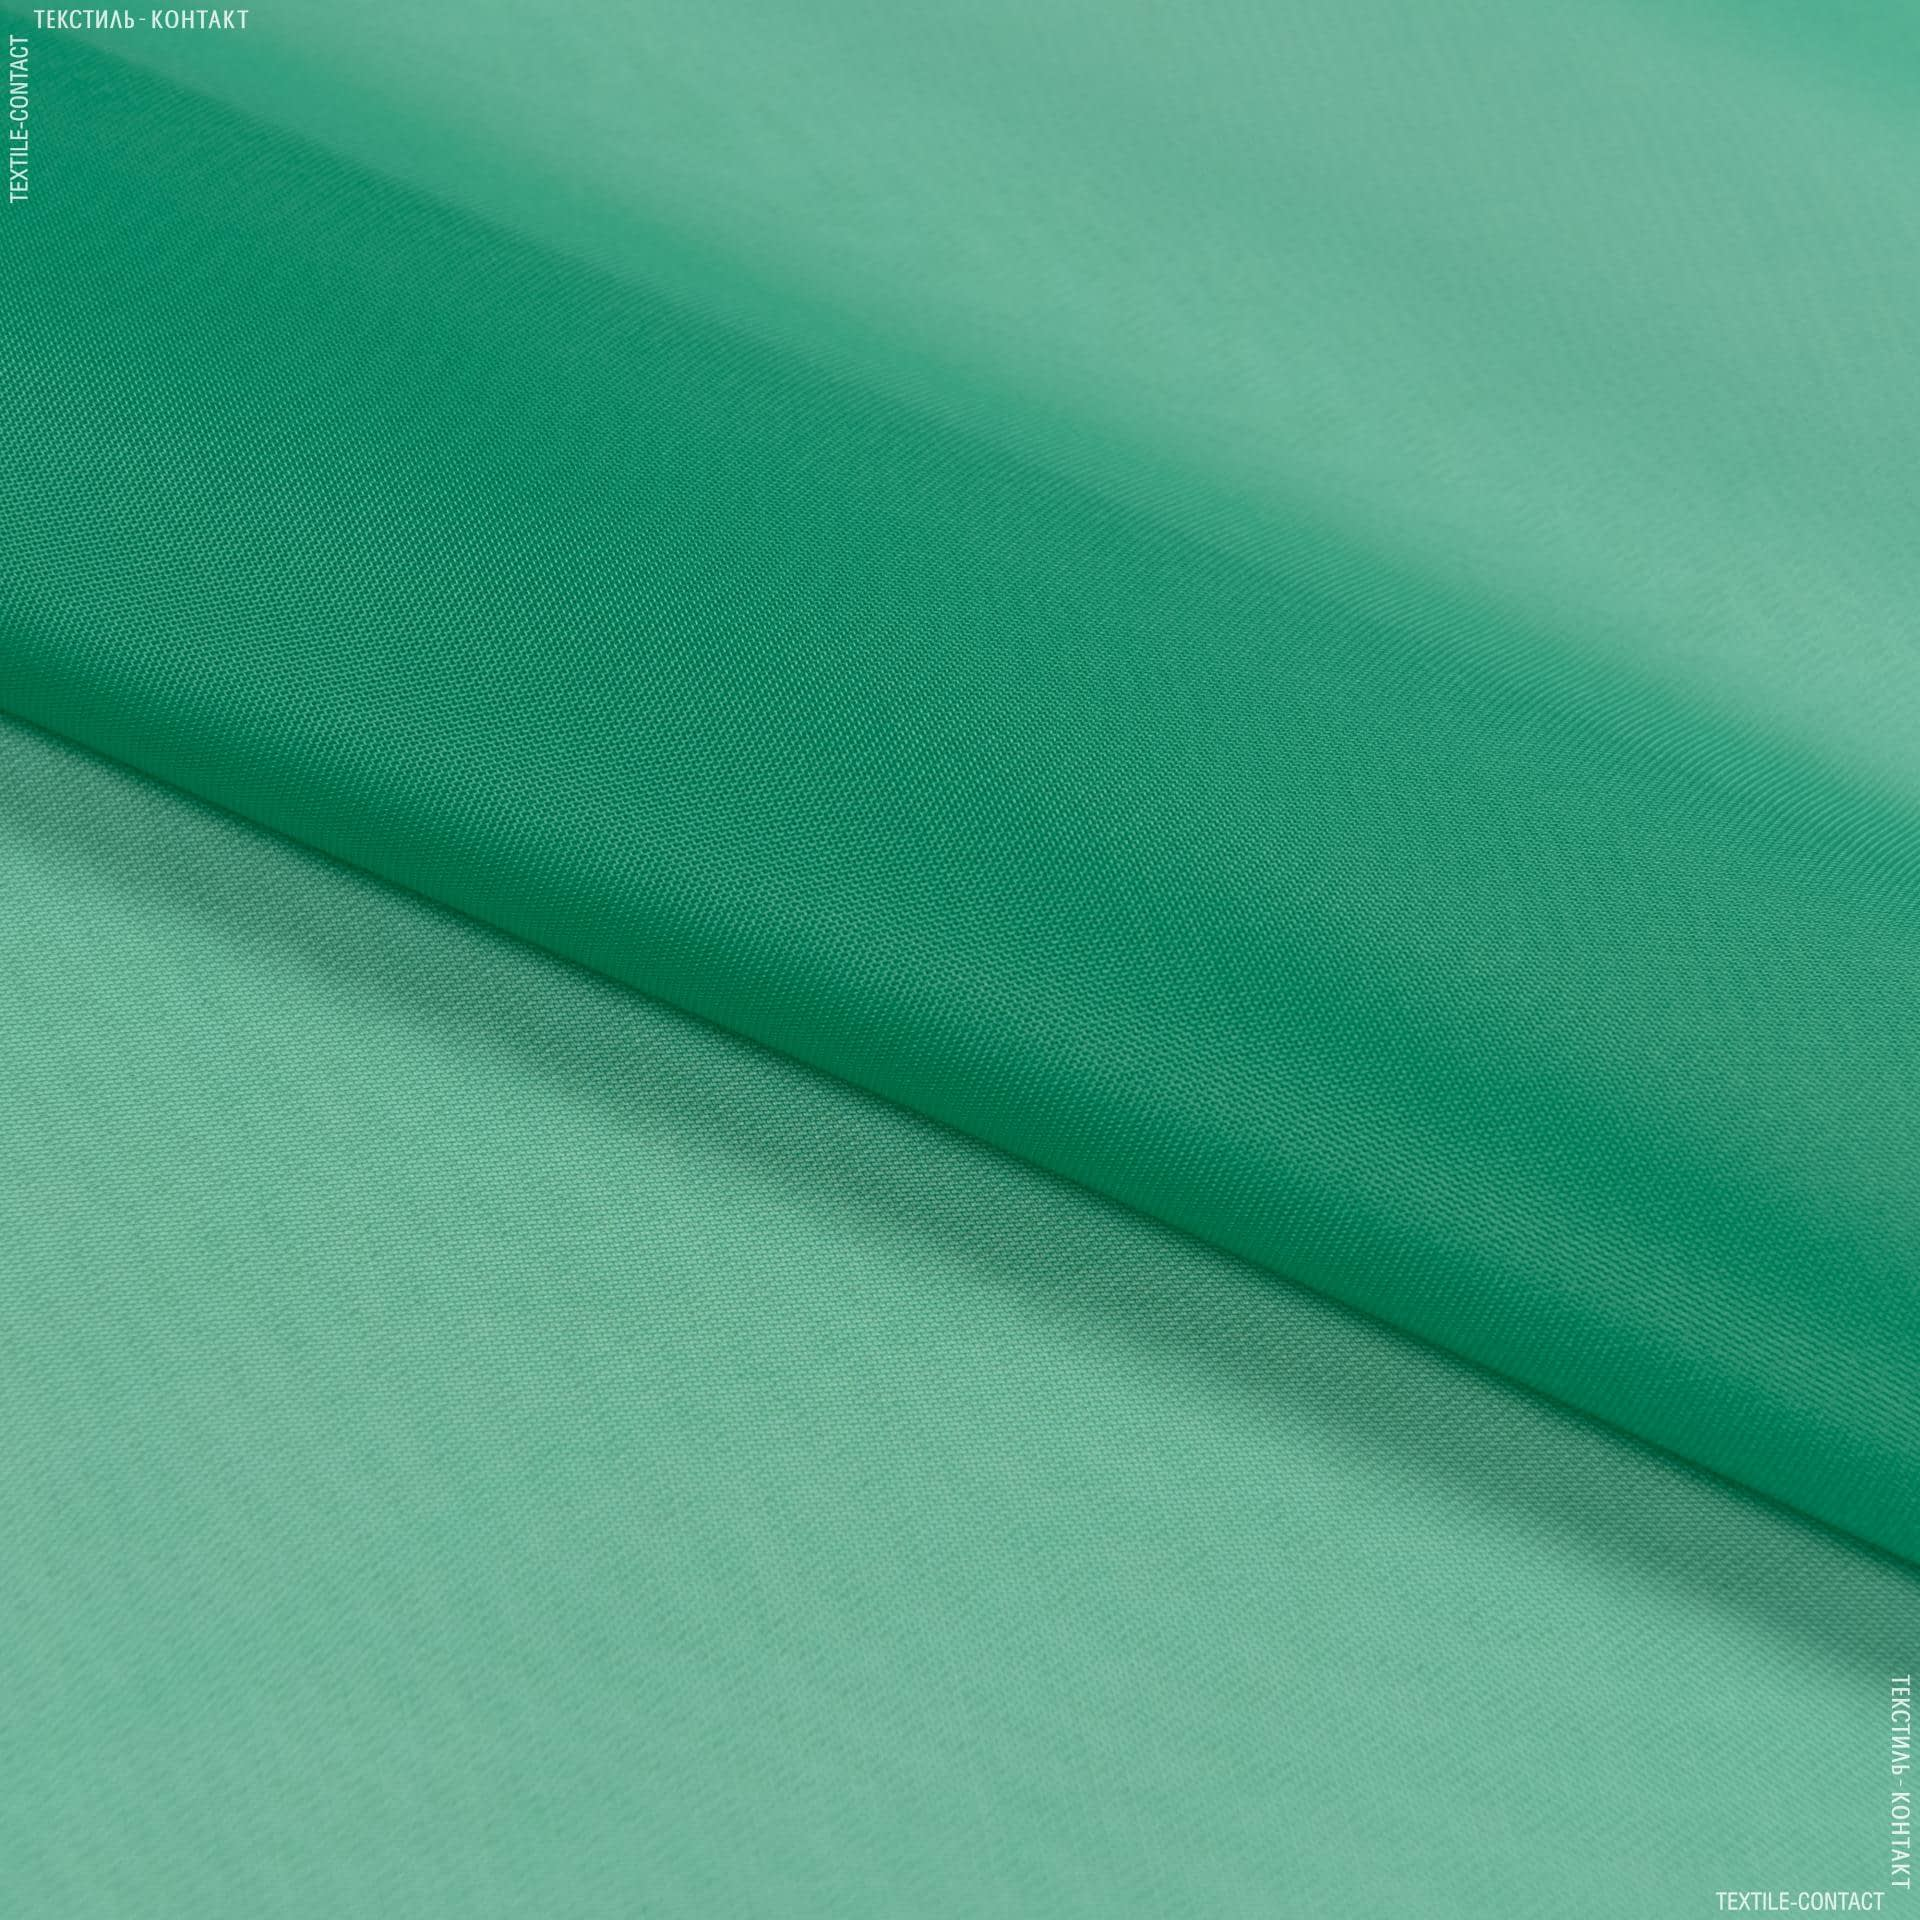 Тканини horeca - Тюль вуаль / лісовий зелений (аналог 66642)